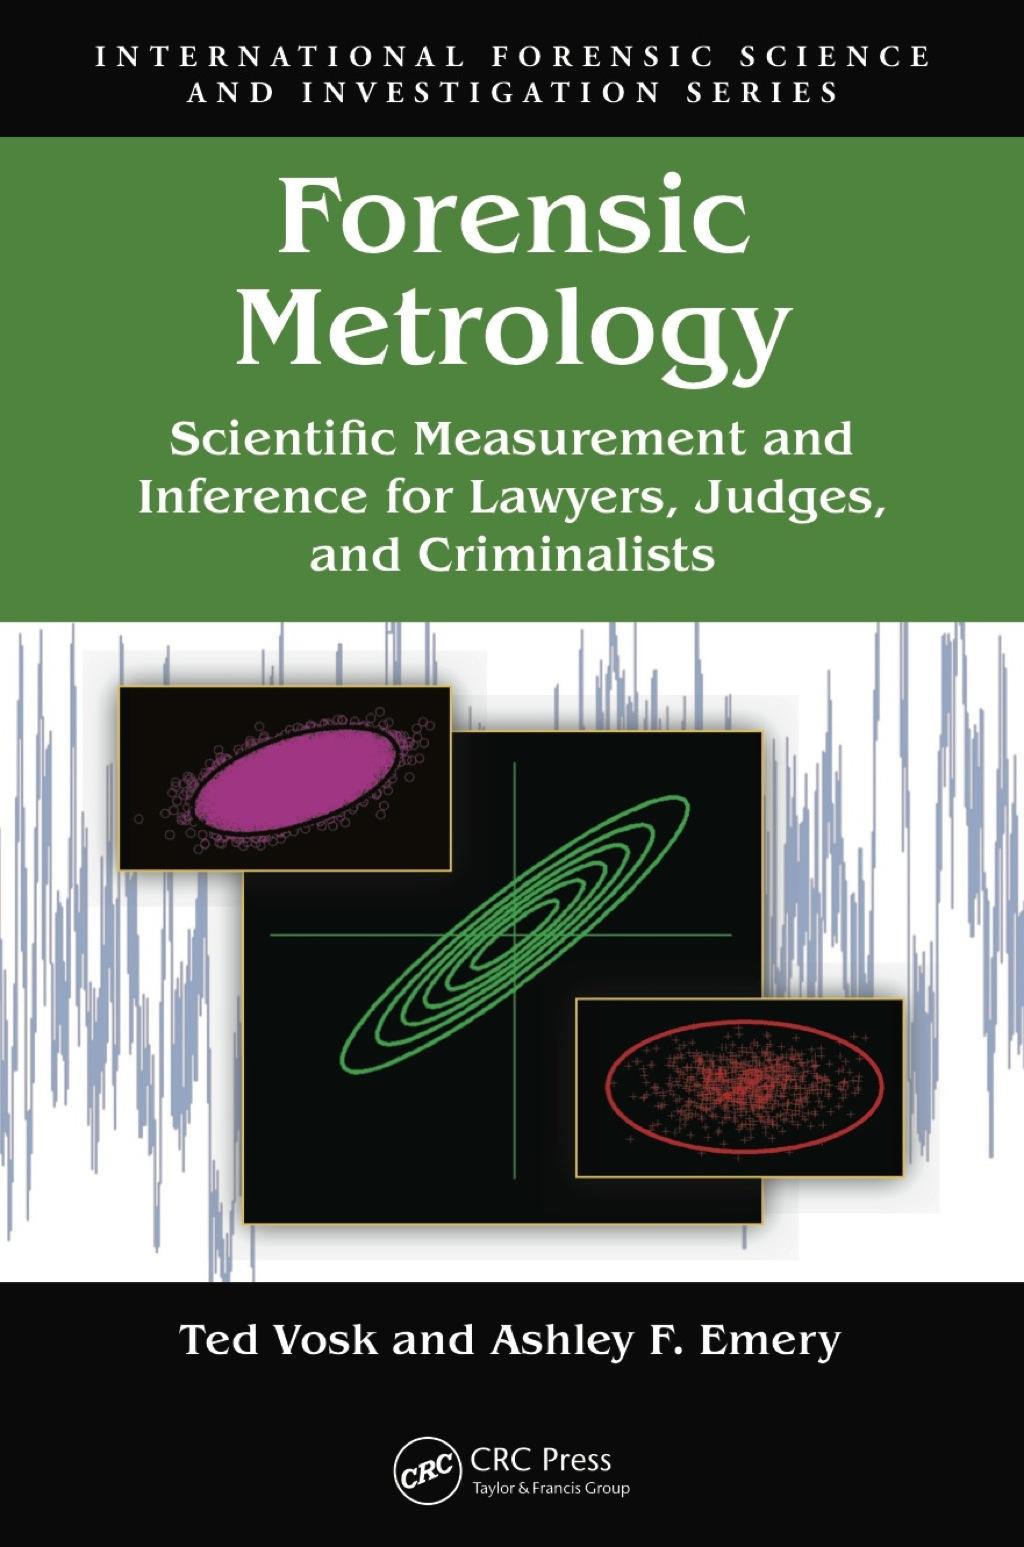 Forensic Metrology (eBook Rental)